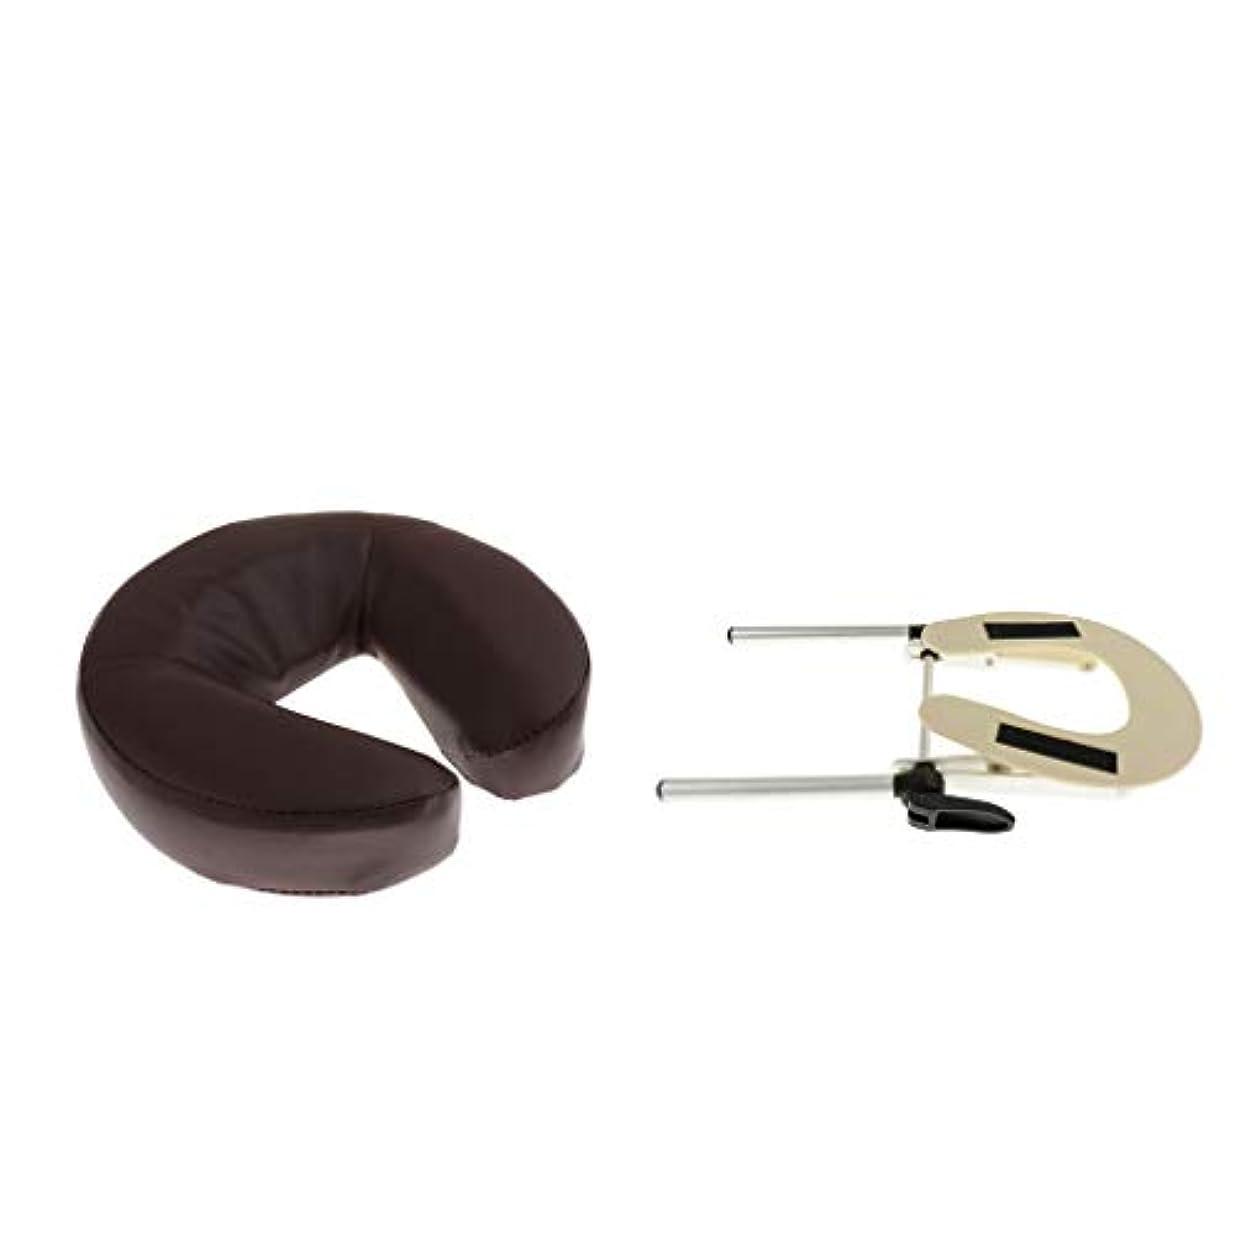 病なドライバ石のフェイスダウン枕 フェイスクレードルクッション マッサージ用 快適 通気性